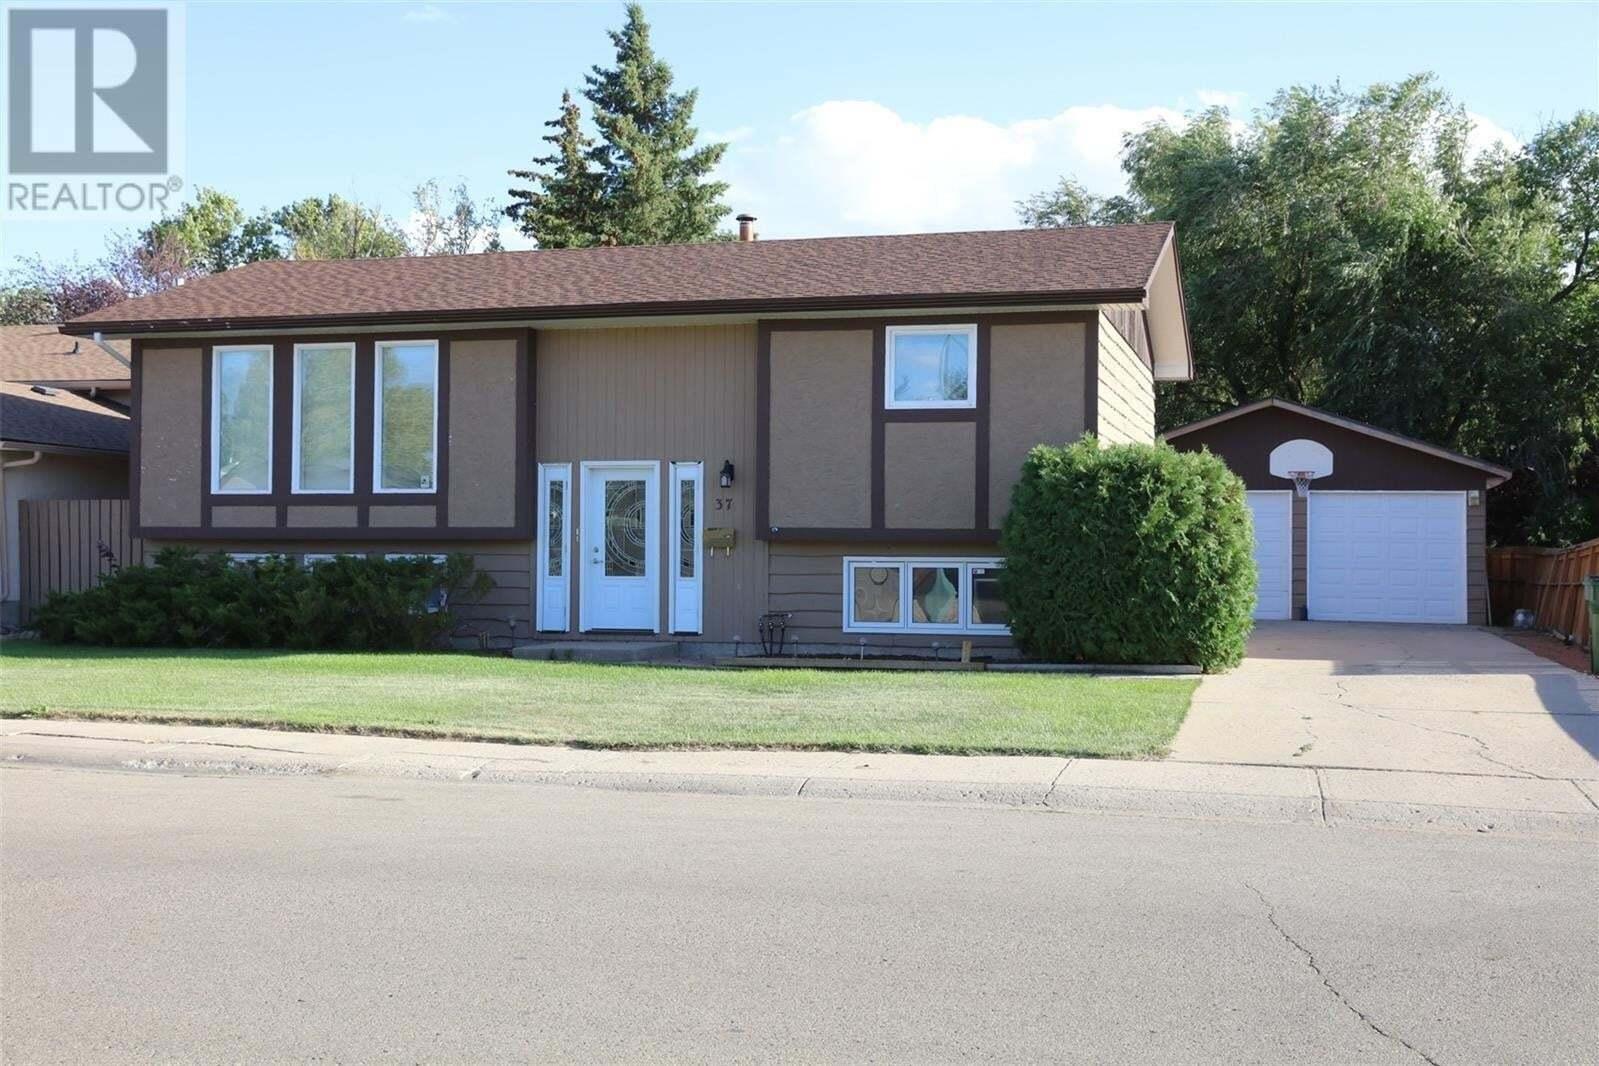 House for sale at 37 Calypso Dr Moose Jaw Saskatchewan - MLS: SK825696